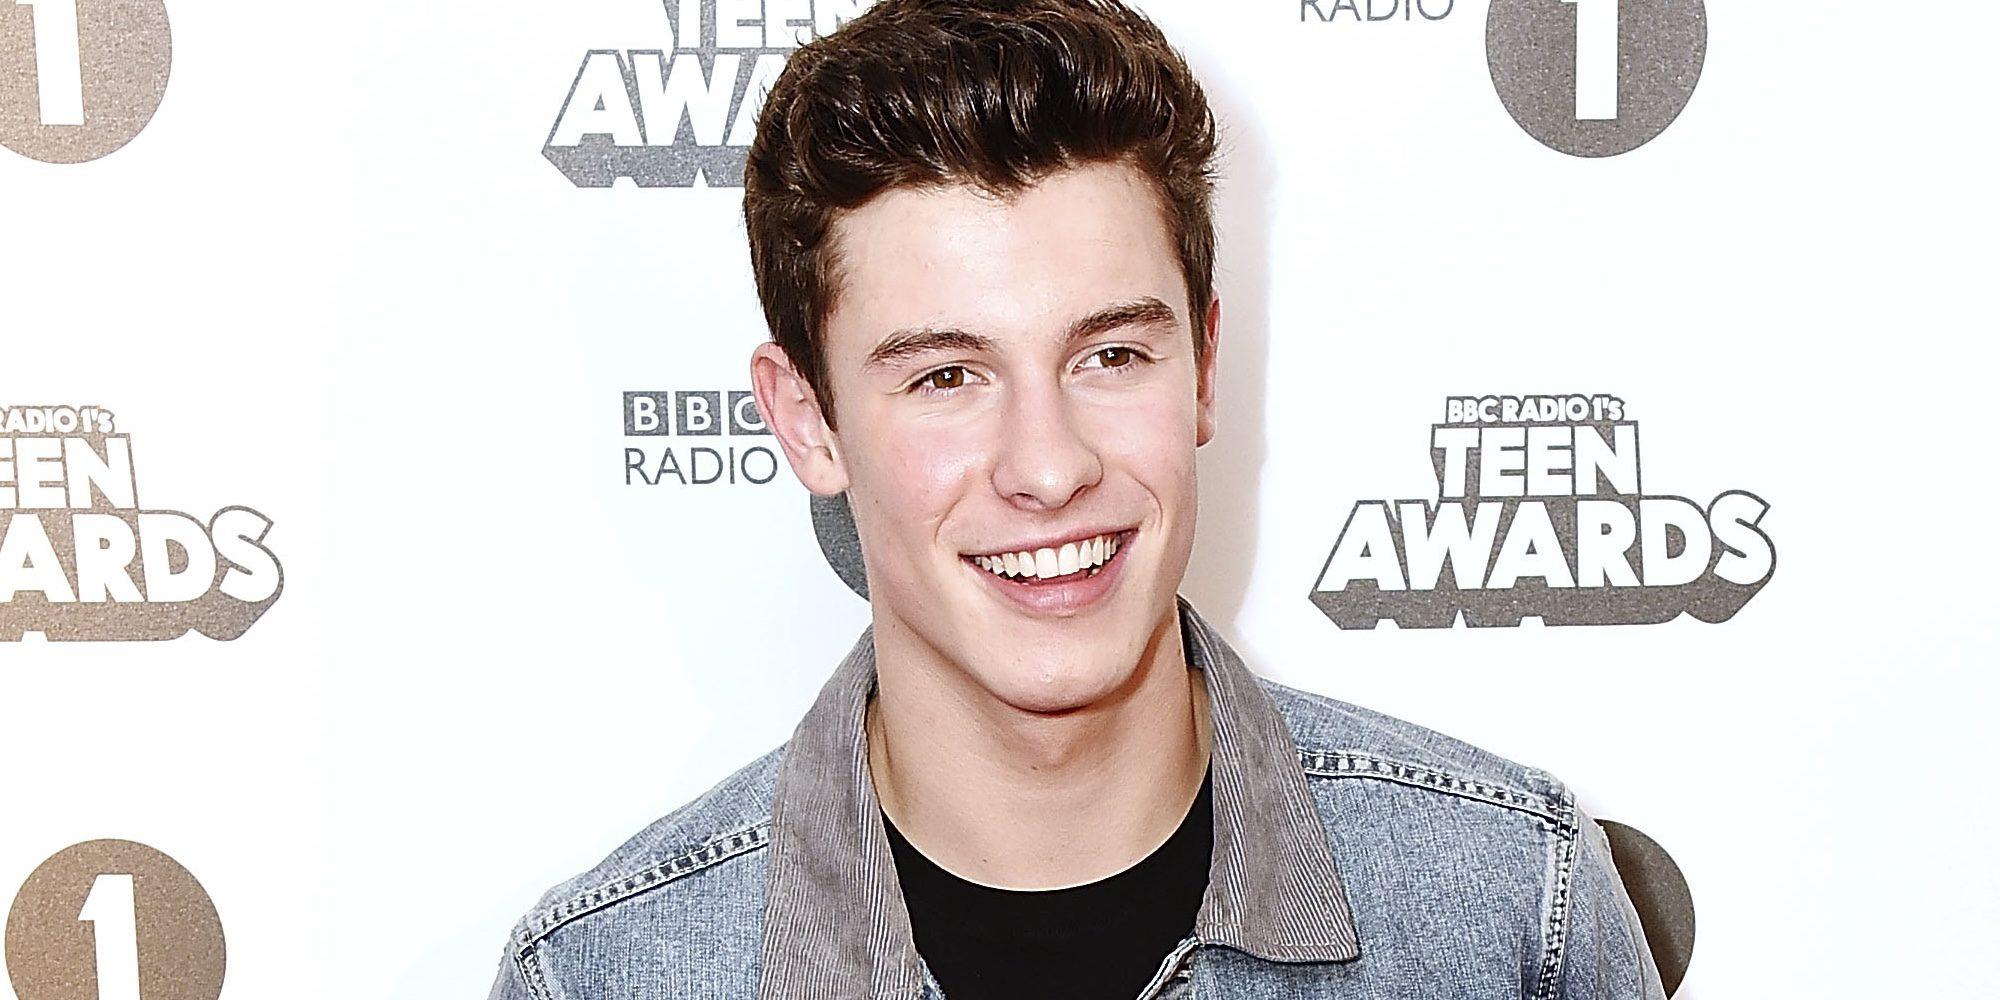 Shawn Mendes, The Vamps o Adele, entre los ganadores de los BBC Radio 1's Teen Awards 2016